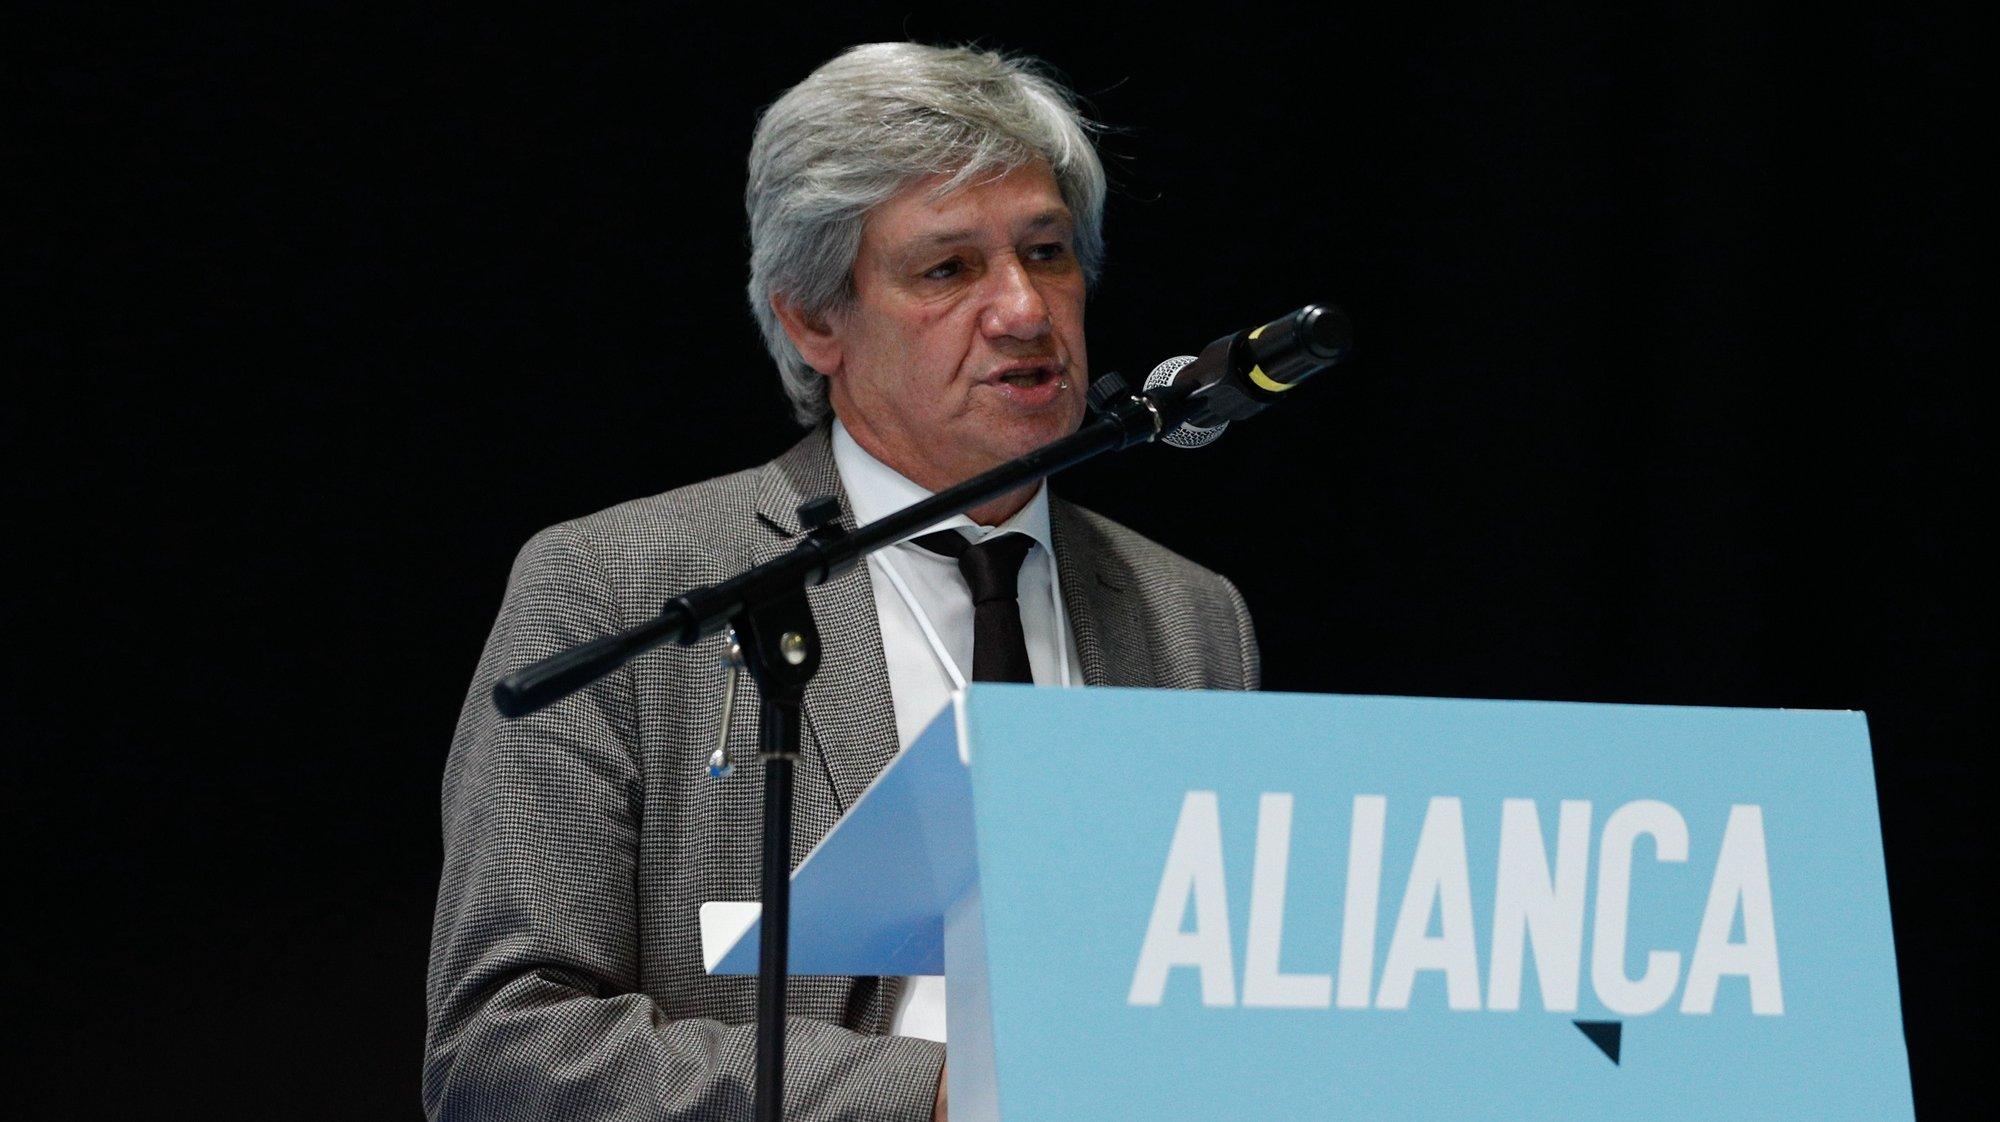 O presidente eleito do partido Aliança, Paulo Bento, discursa  durante o encerramento do II Congresso Nacional, que decorreu em Torres Vedras, 27 de setembro de 2020. ANTÓNIO COTRIM/LUSA